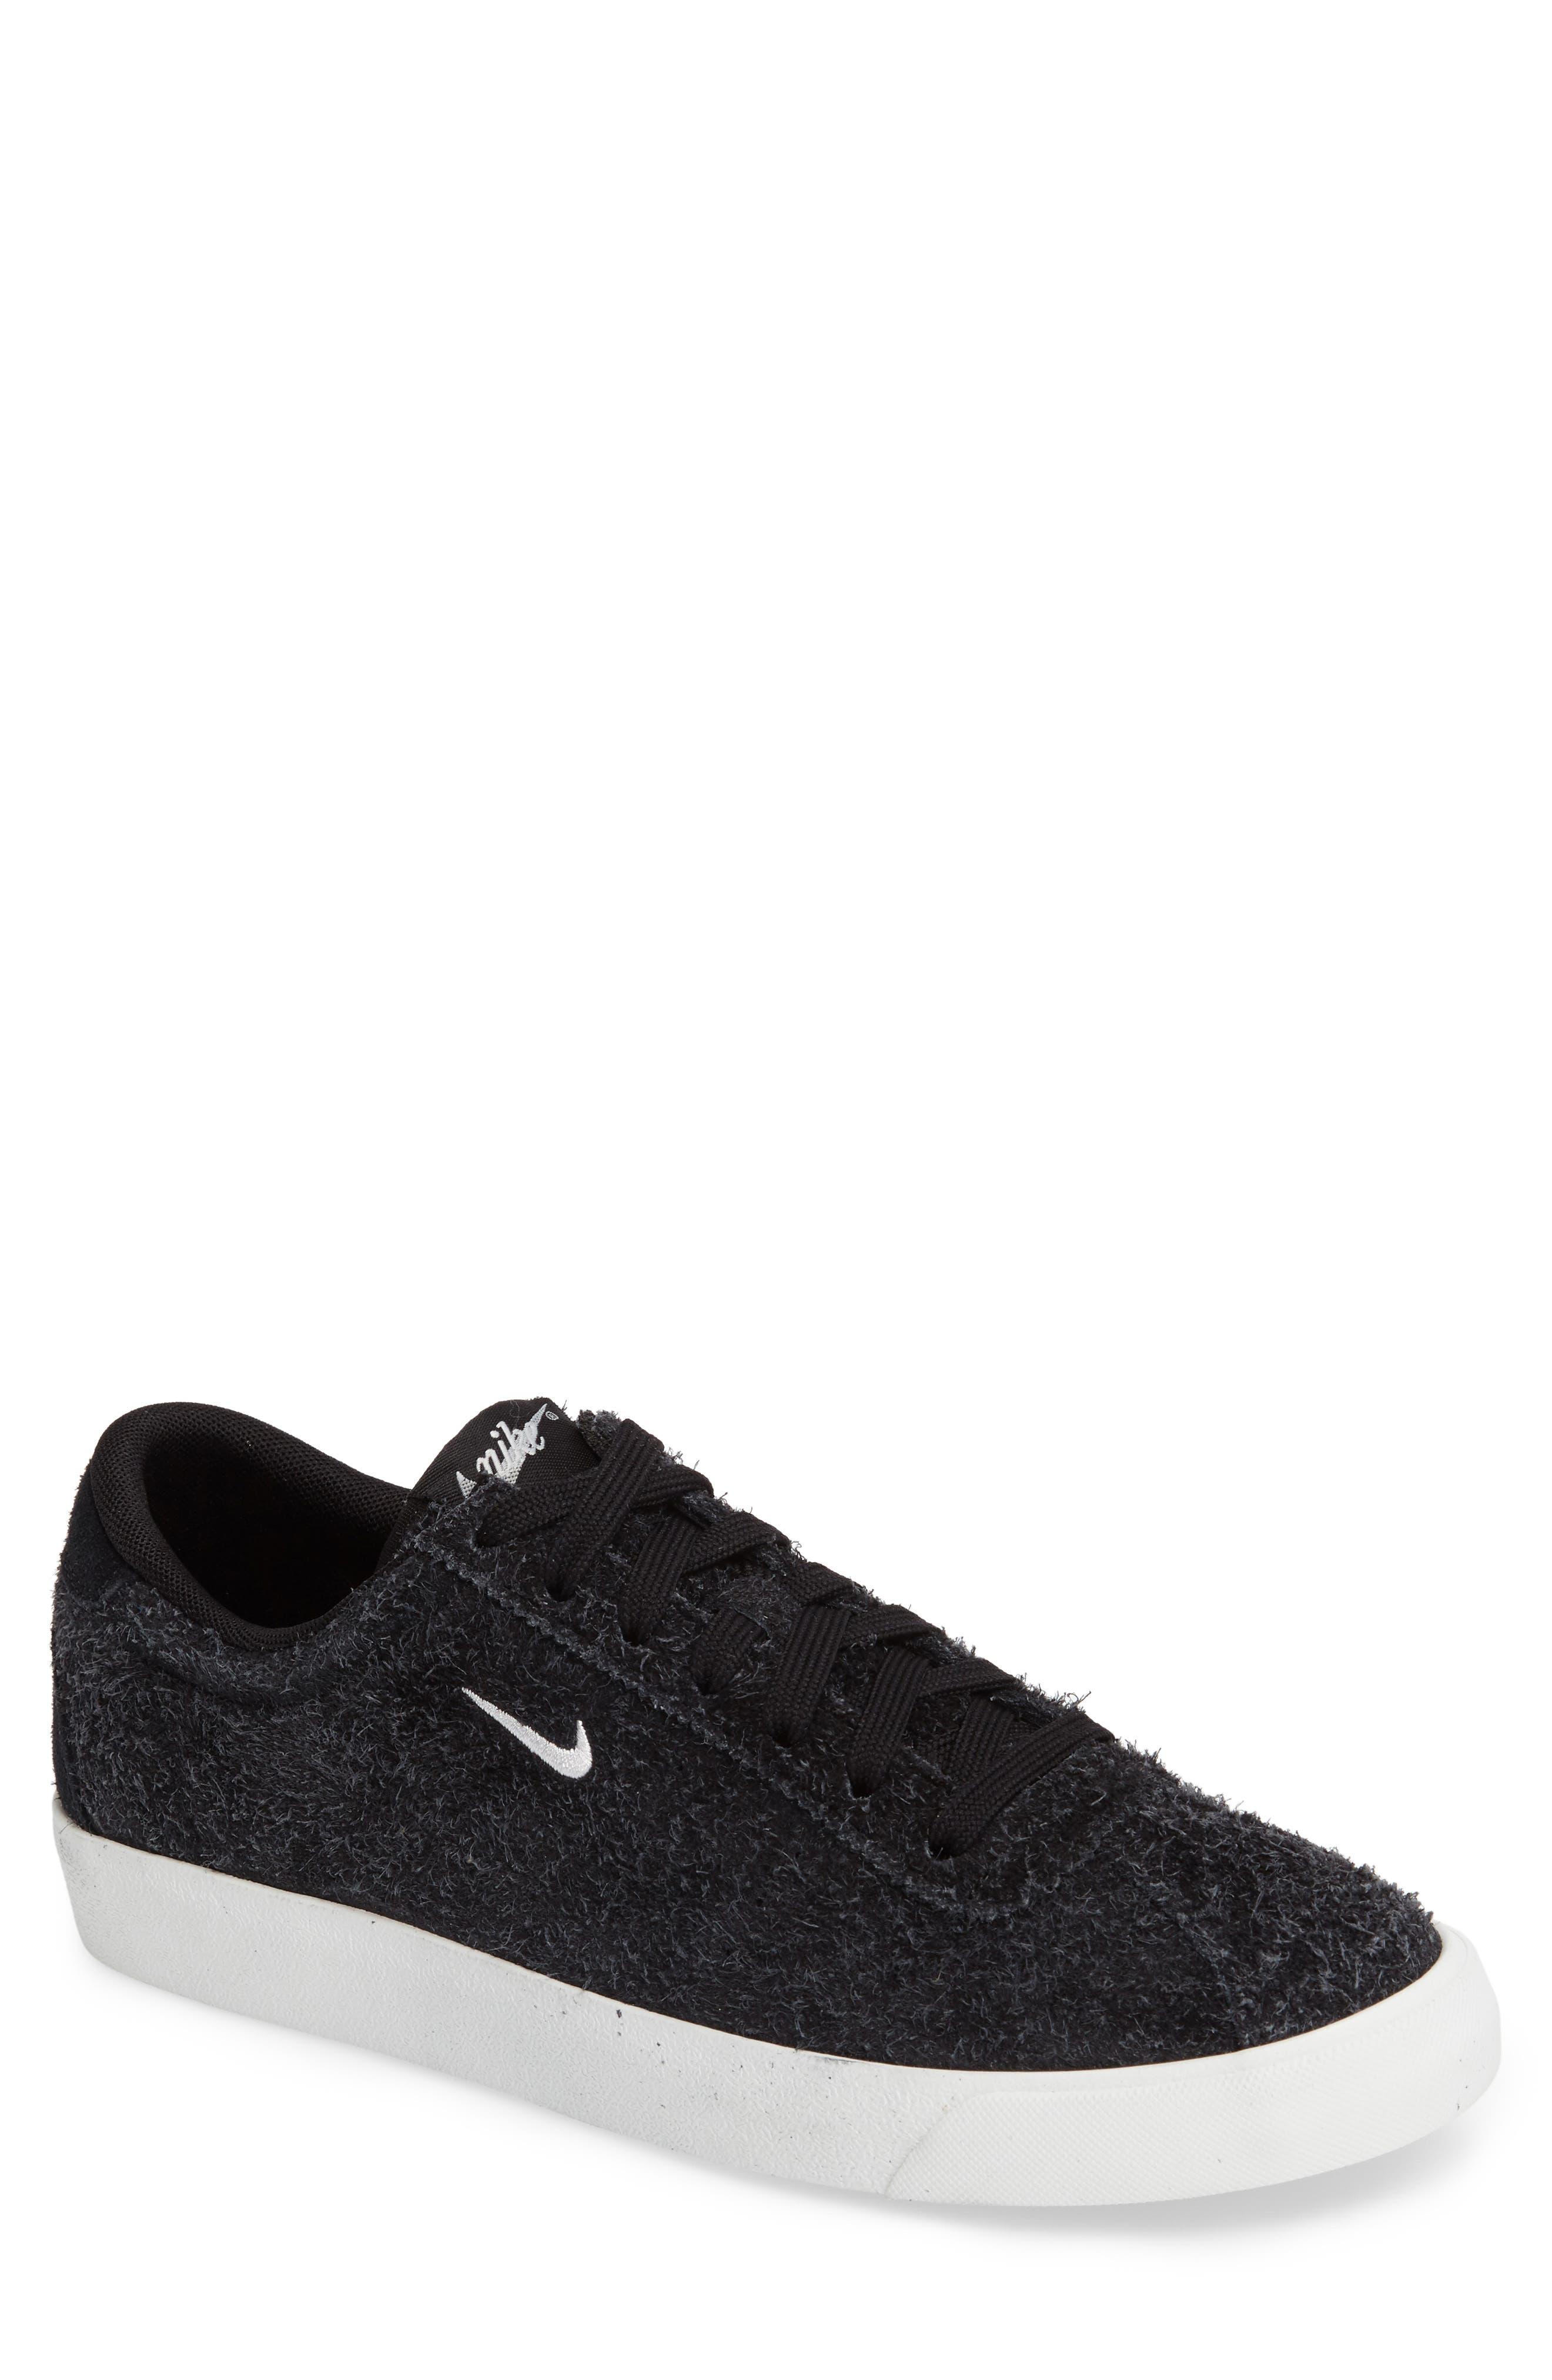 NIKE Match Classic Tennis Shoe